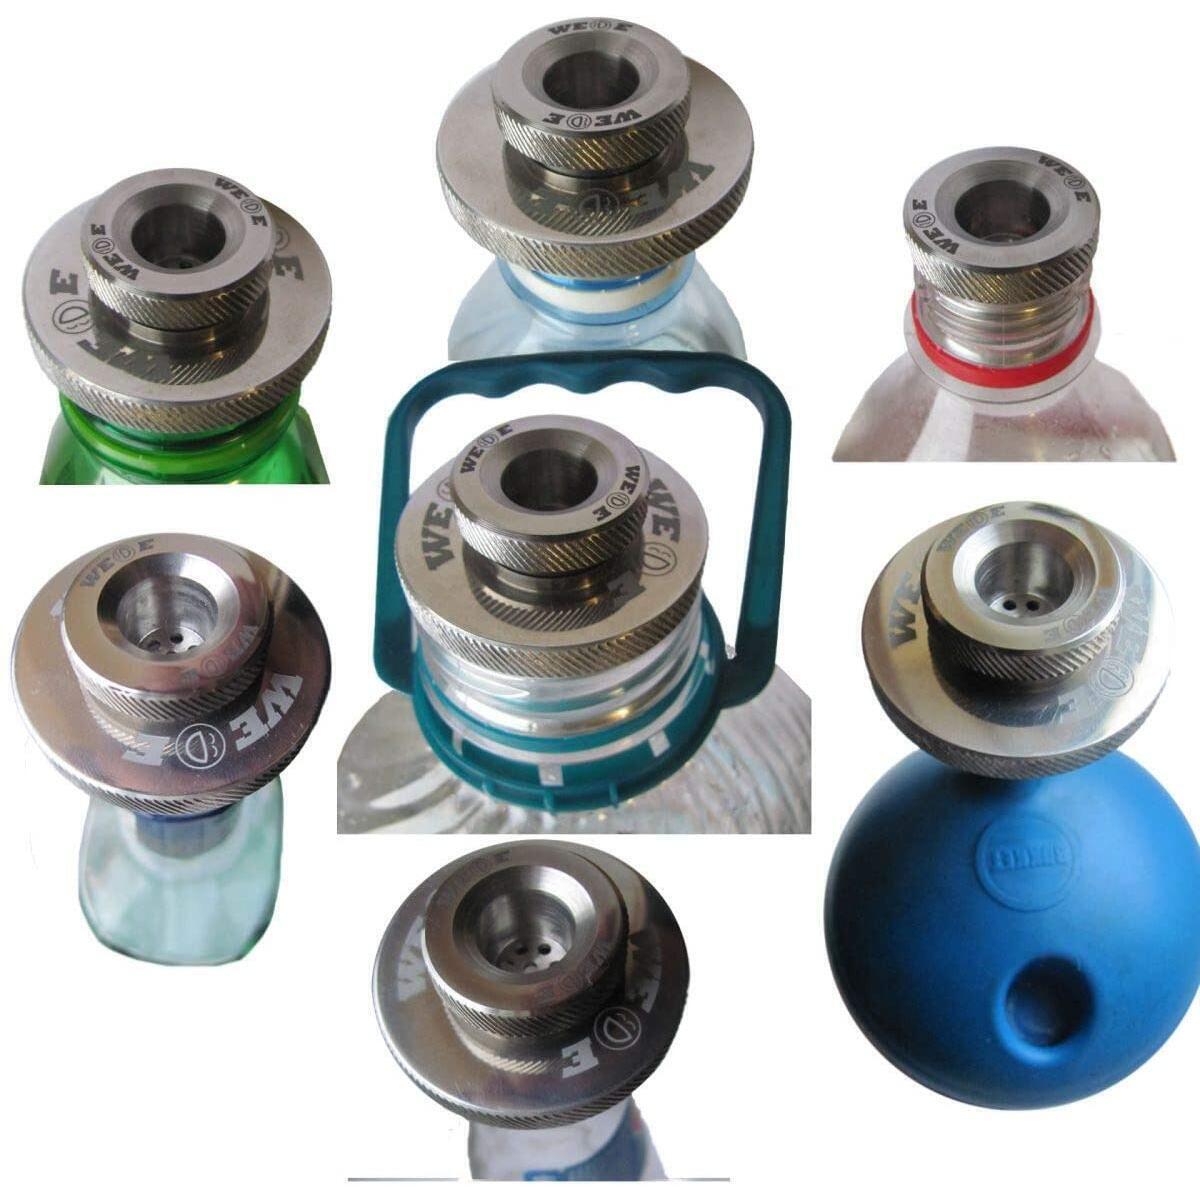 WEDE Multiple - Incense Stick Holder, Herb Bowl Filter